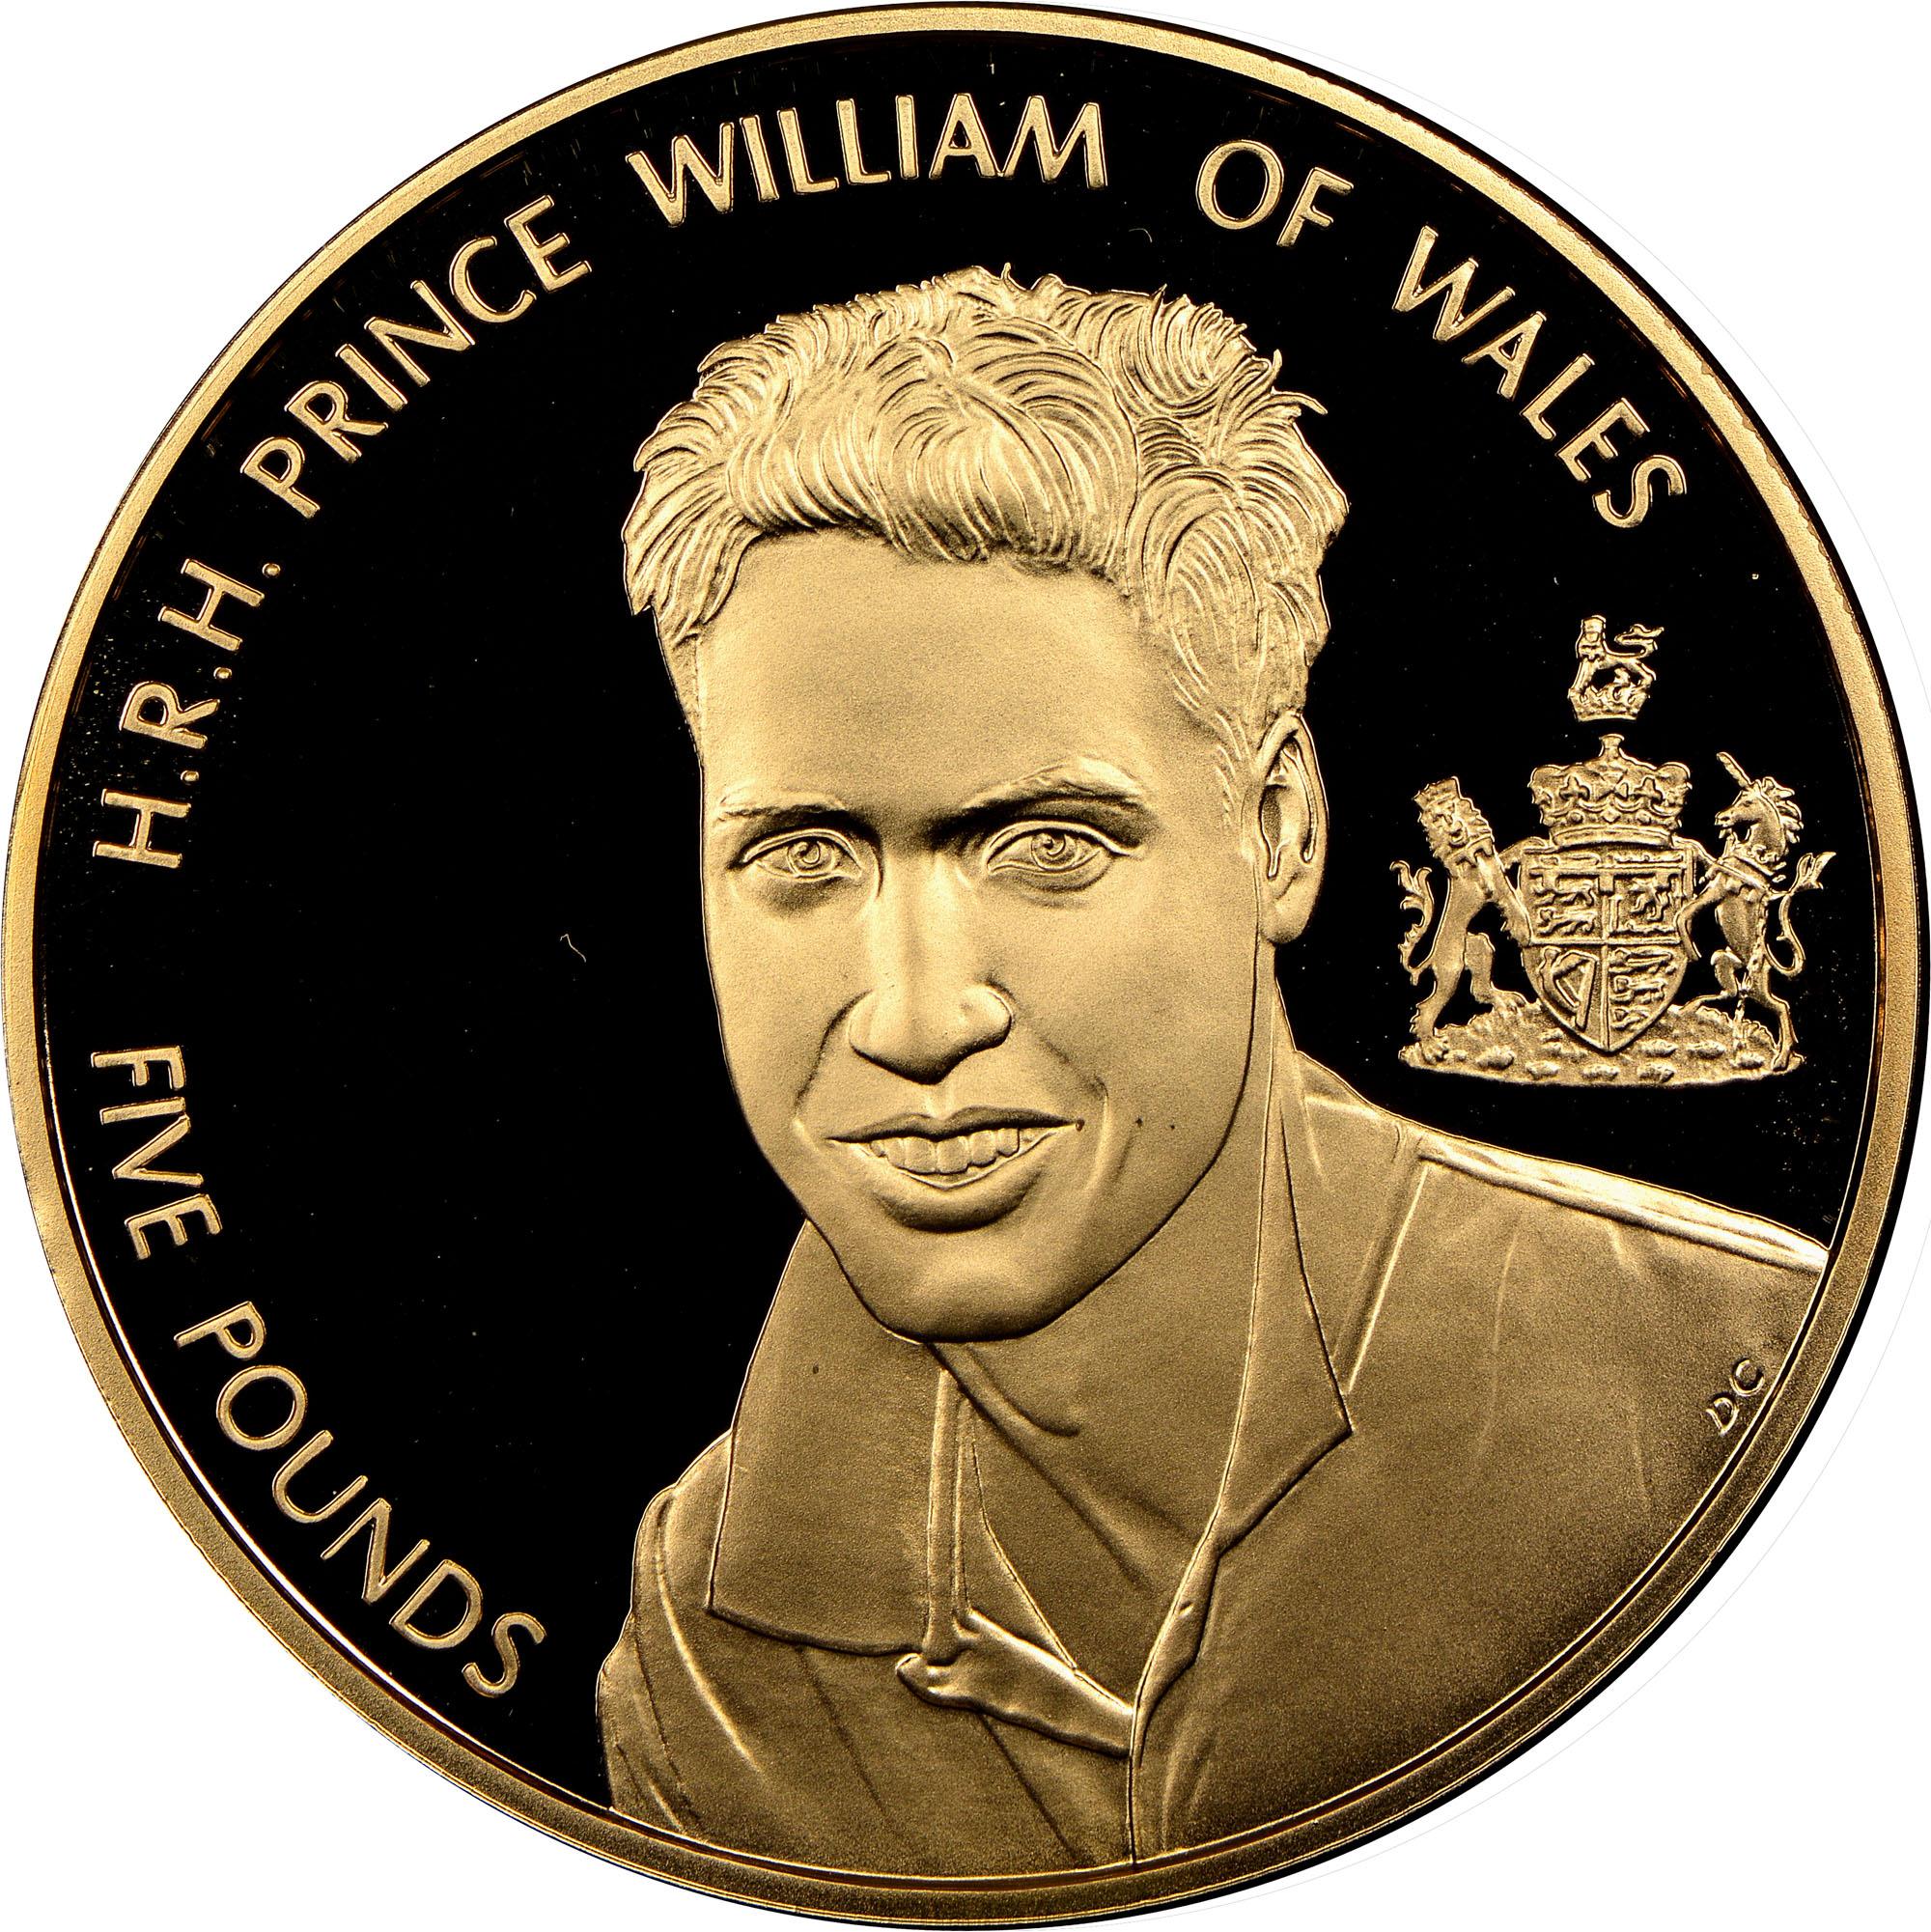 2003 Alderney 5 Pounds reverse